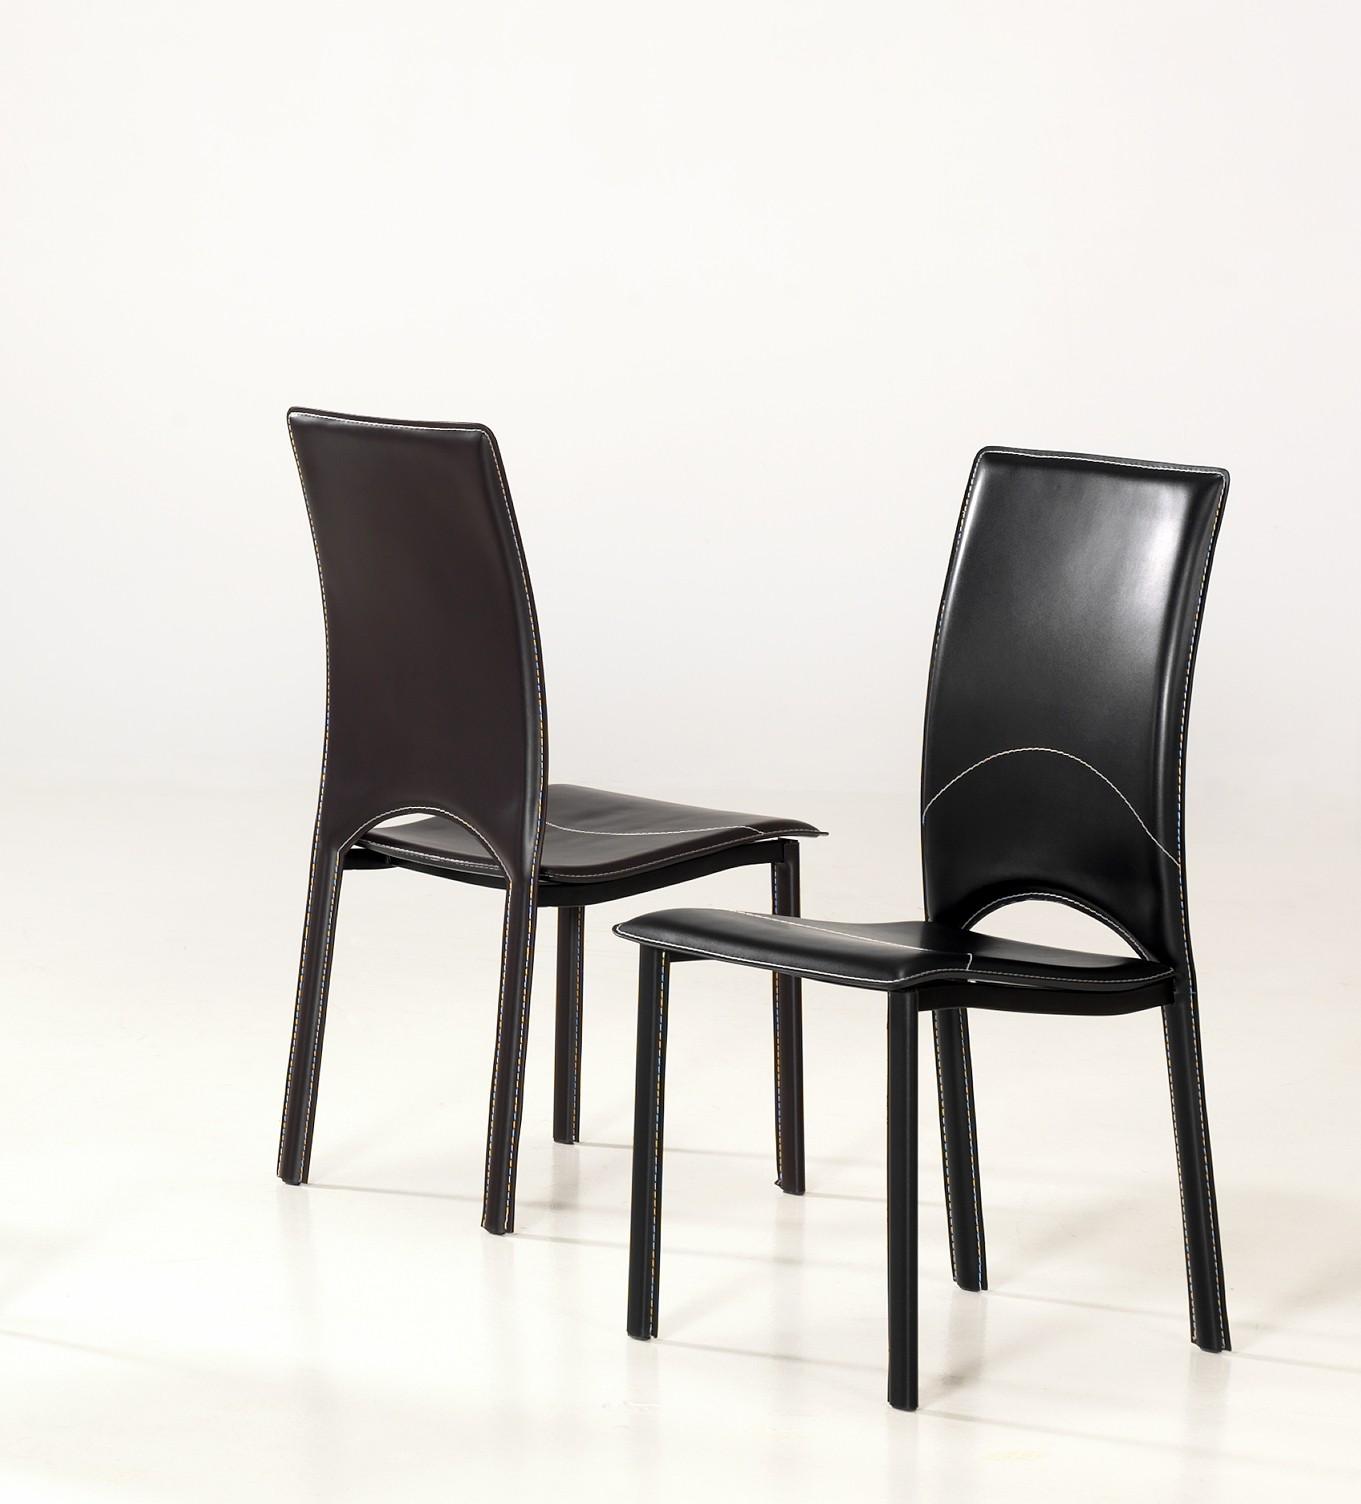 Chaises de salle à manger design noire (lot de 4) Cheyenne